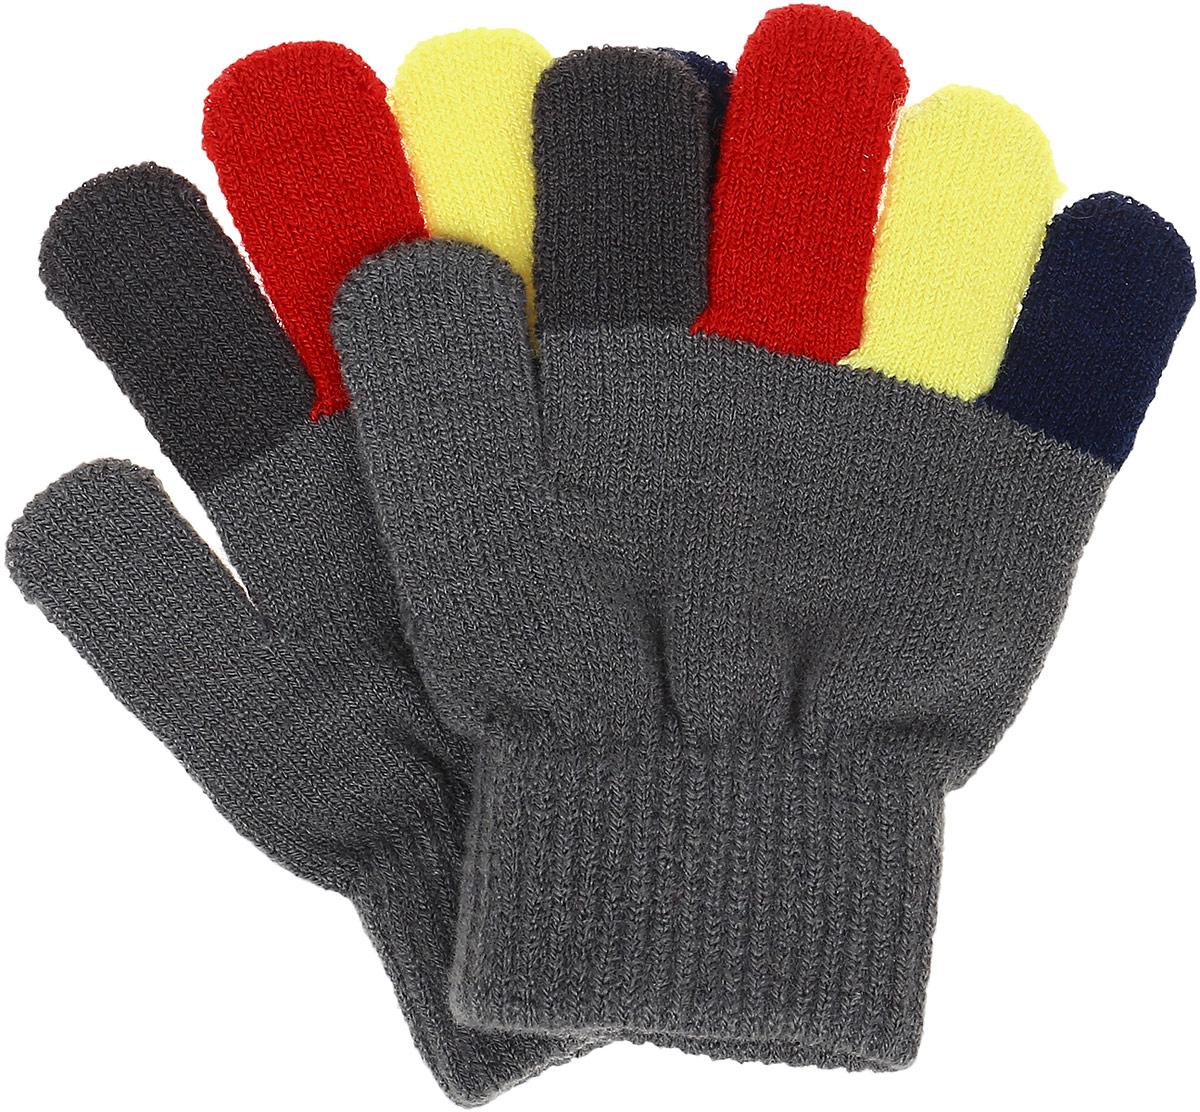 Перчатки детские361038Перчатки детские PlayToday изготовлены из качественного мягкого акрила. Верх перчаток дополнен широкой резинкой. Вязаные перчатки станут идеальным вариантом для прохладной погоды. Они очень мягкие, хорошо тянутся и прекрасно сохраняют тепло.